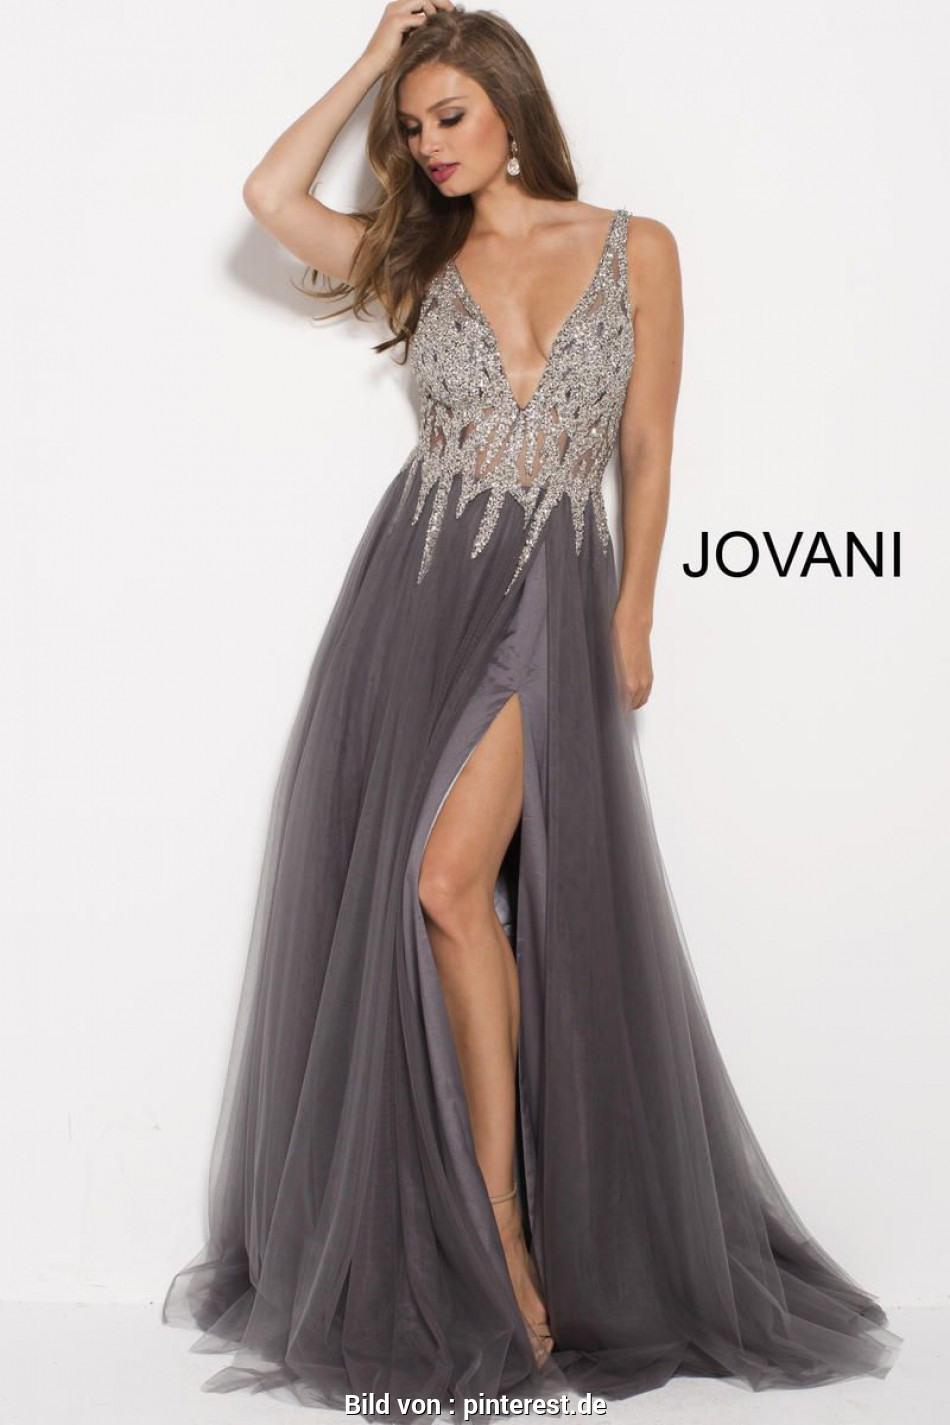 Abend Erstaunlich Abend Kleider Online Shop Design20 Ausgezeichnet Abend Kleider Online Shop Boutique